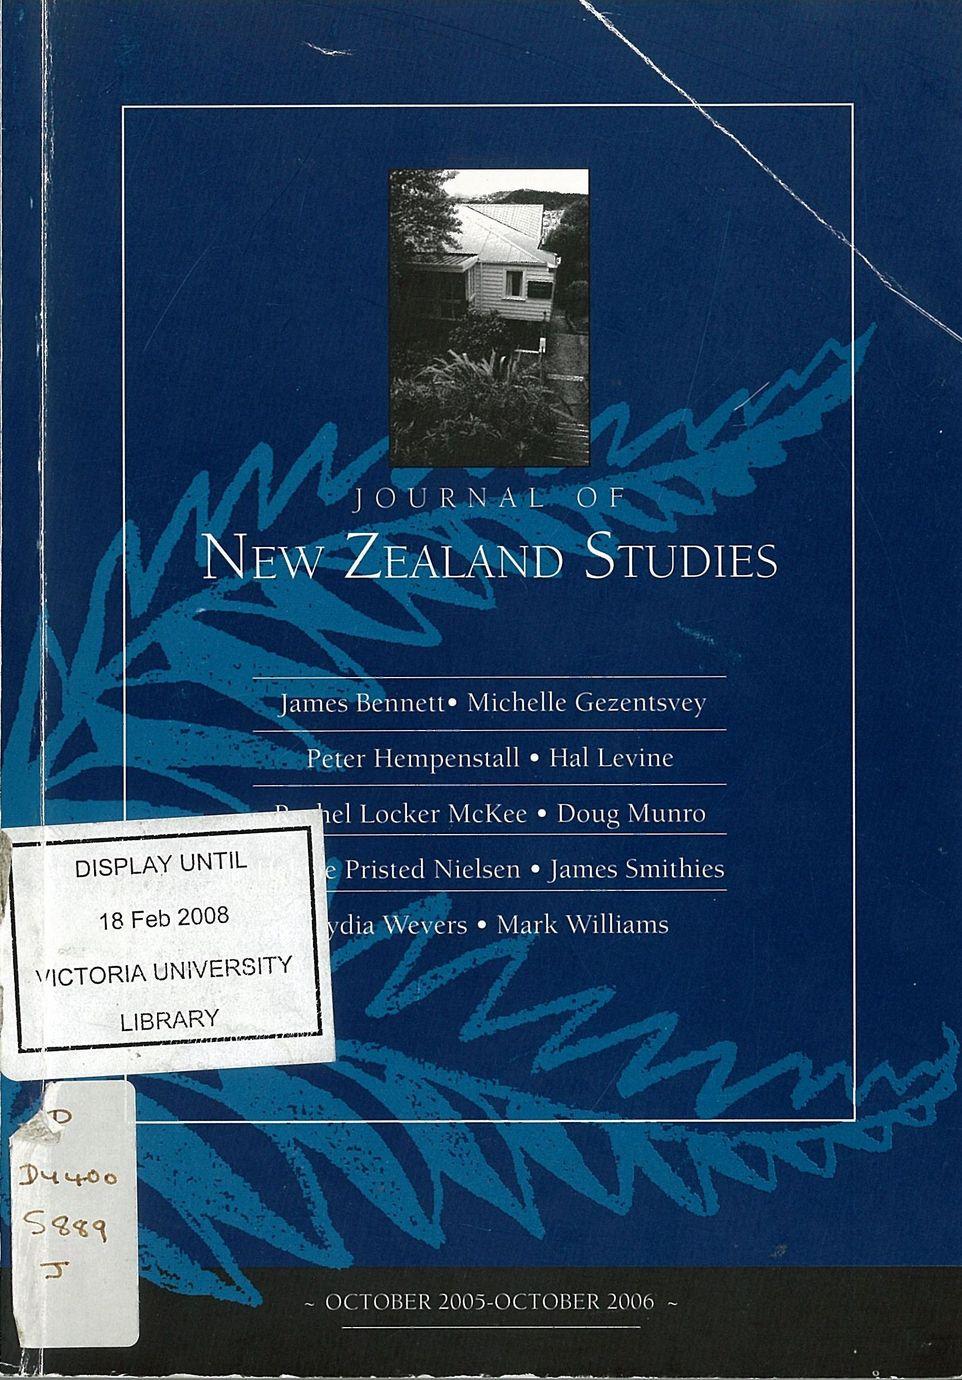 Journal of New Zealand Studies 2006 No. 4/5